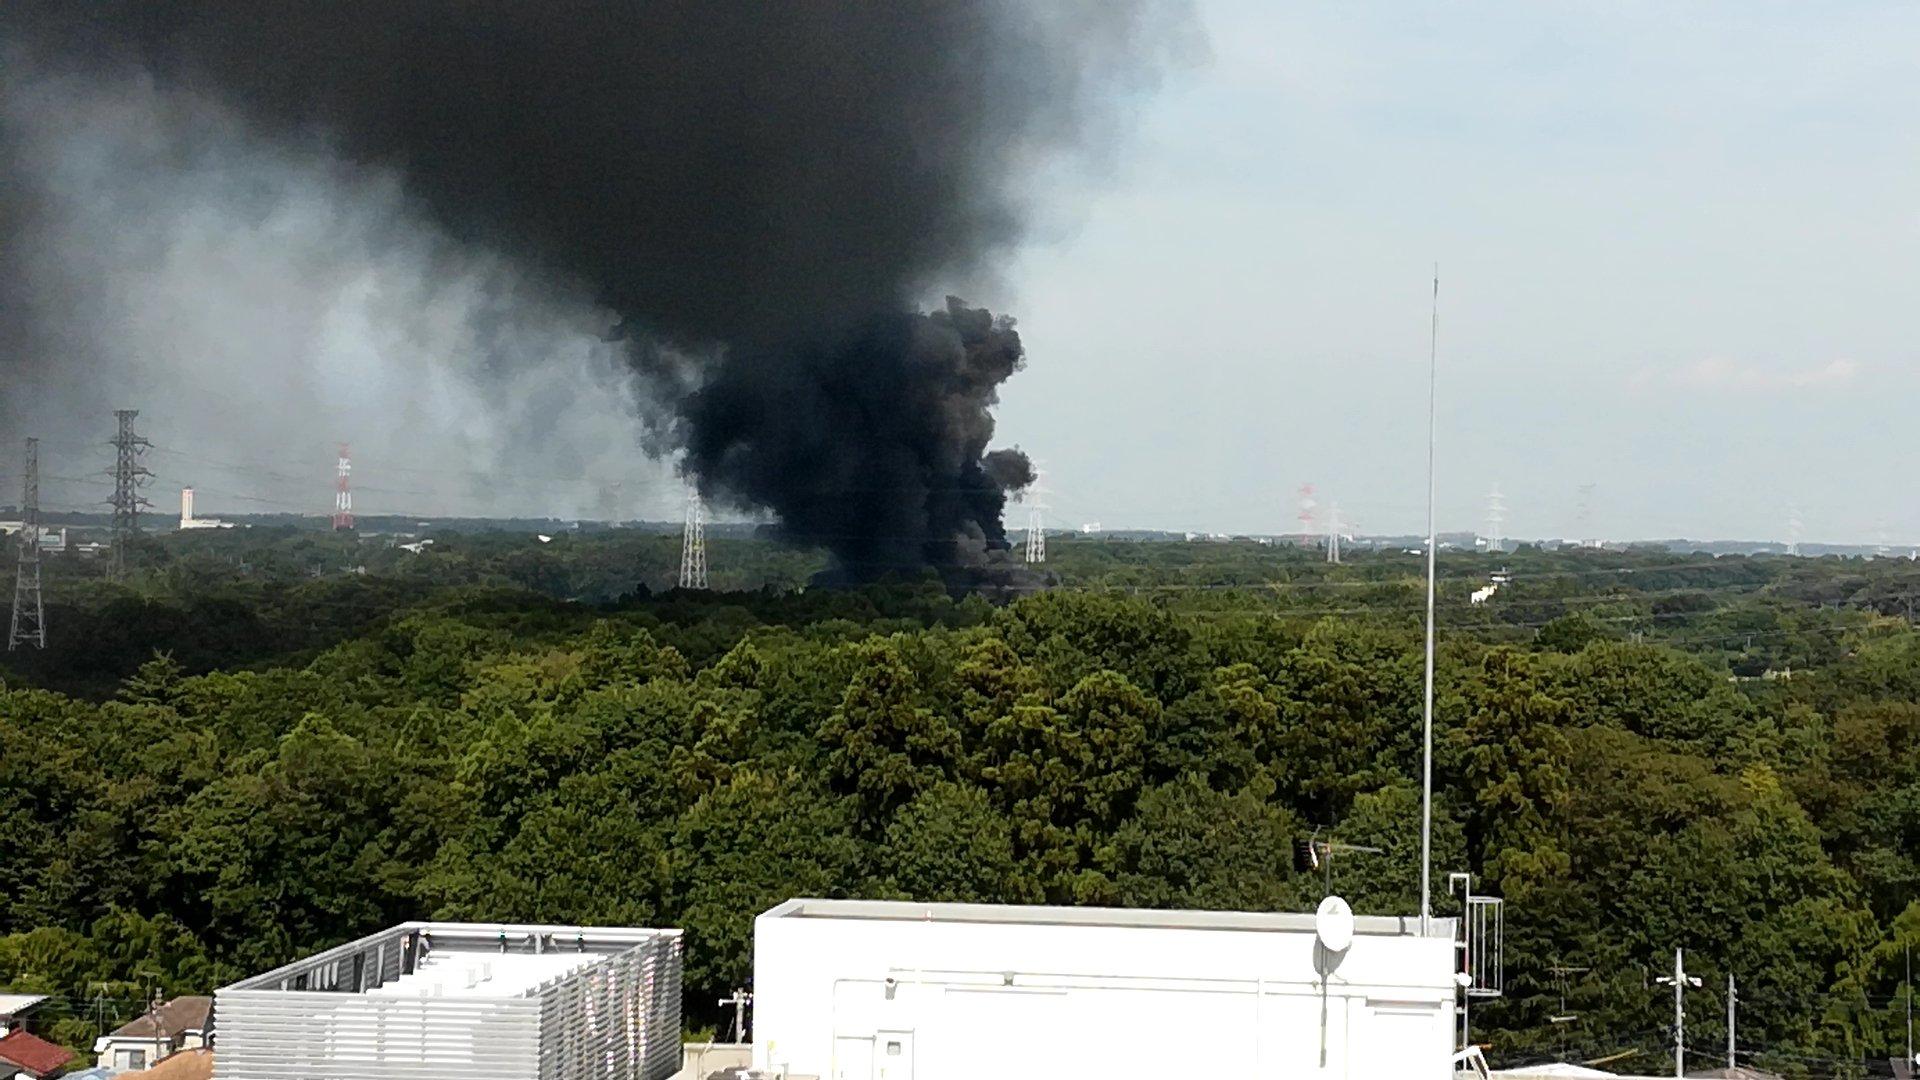 東京理科大学の野田キャンパスが火事の画像